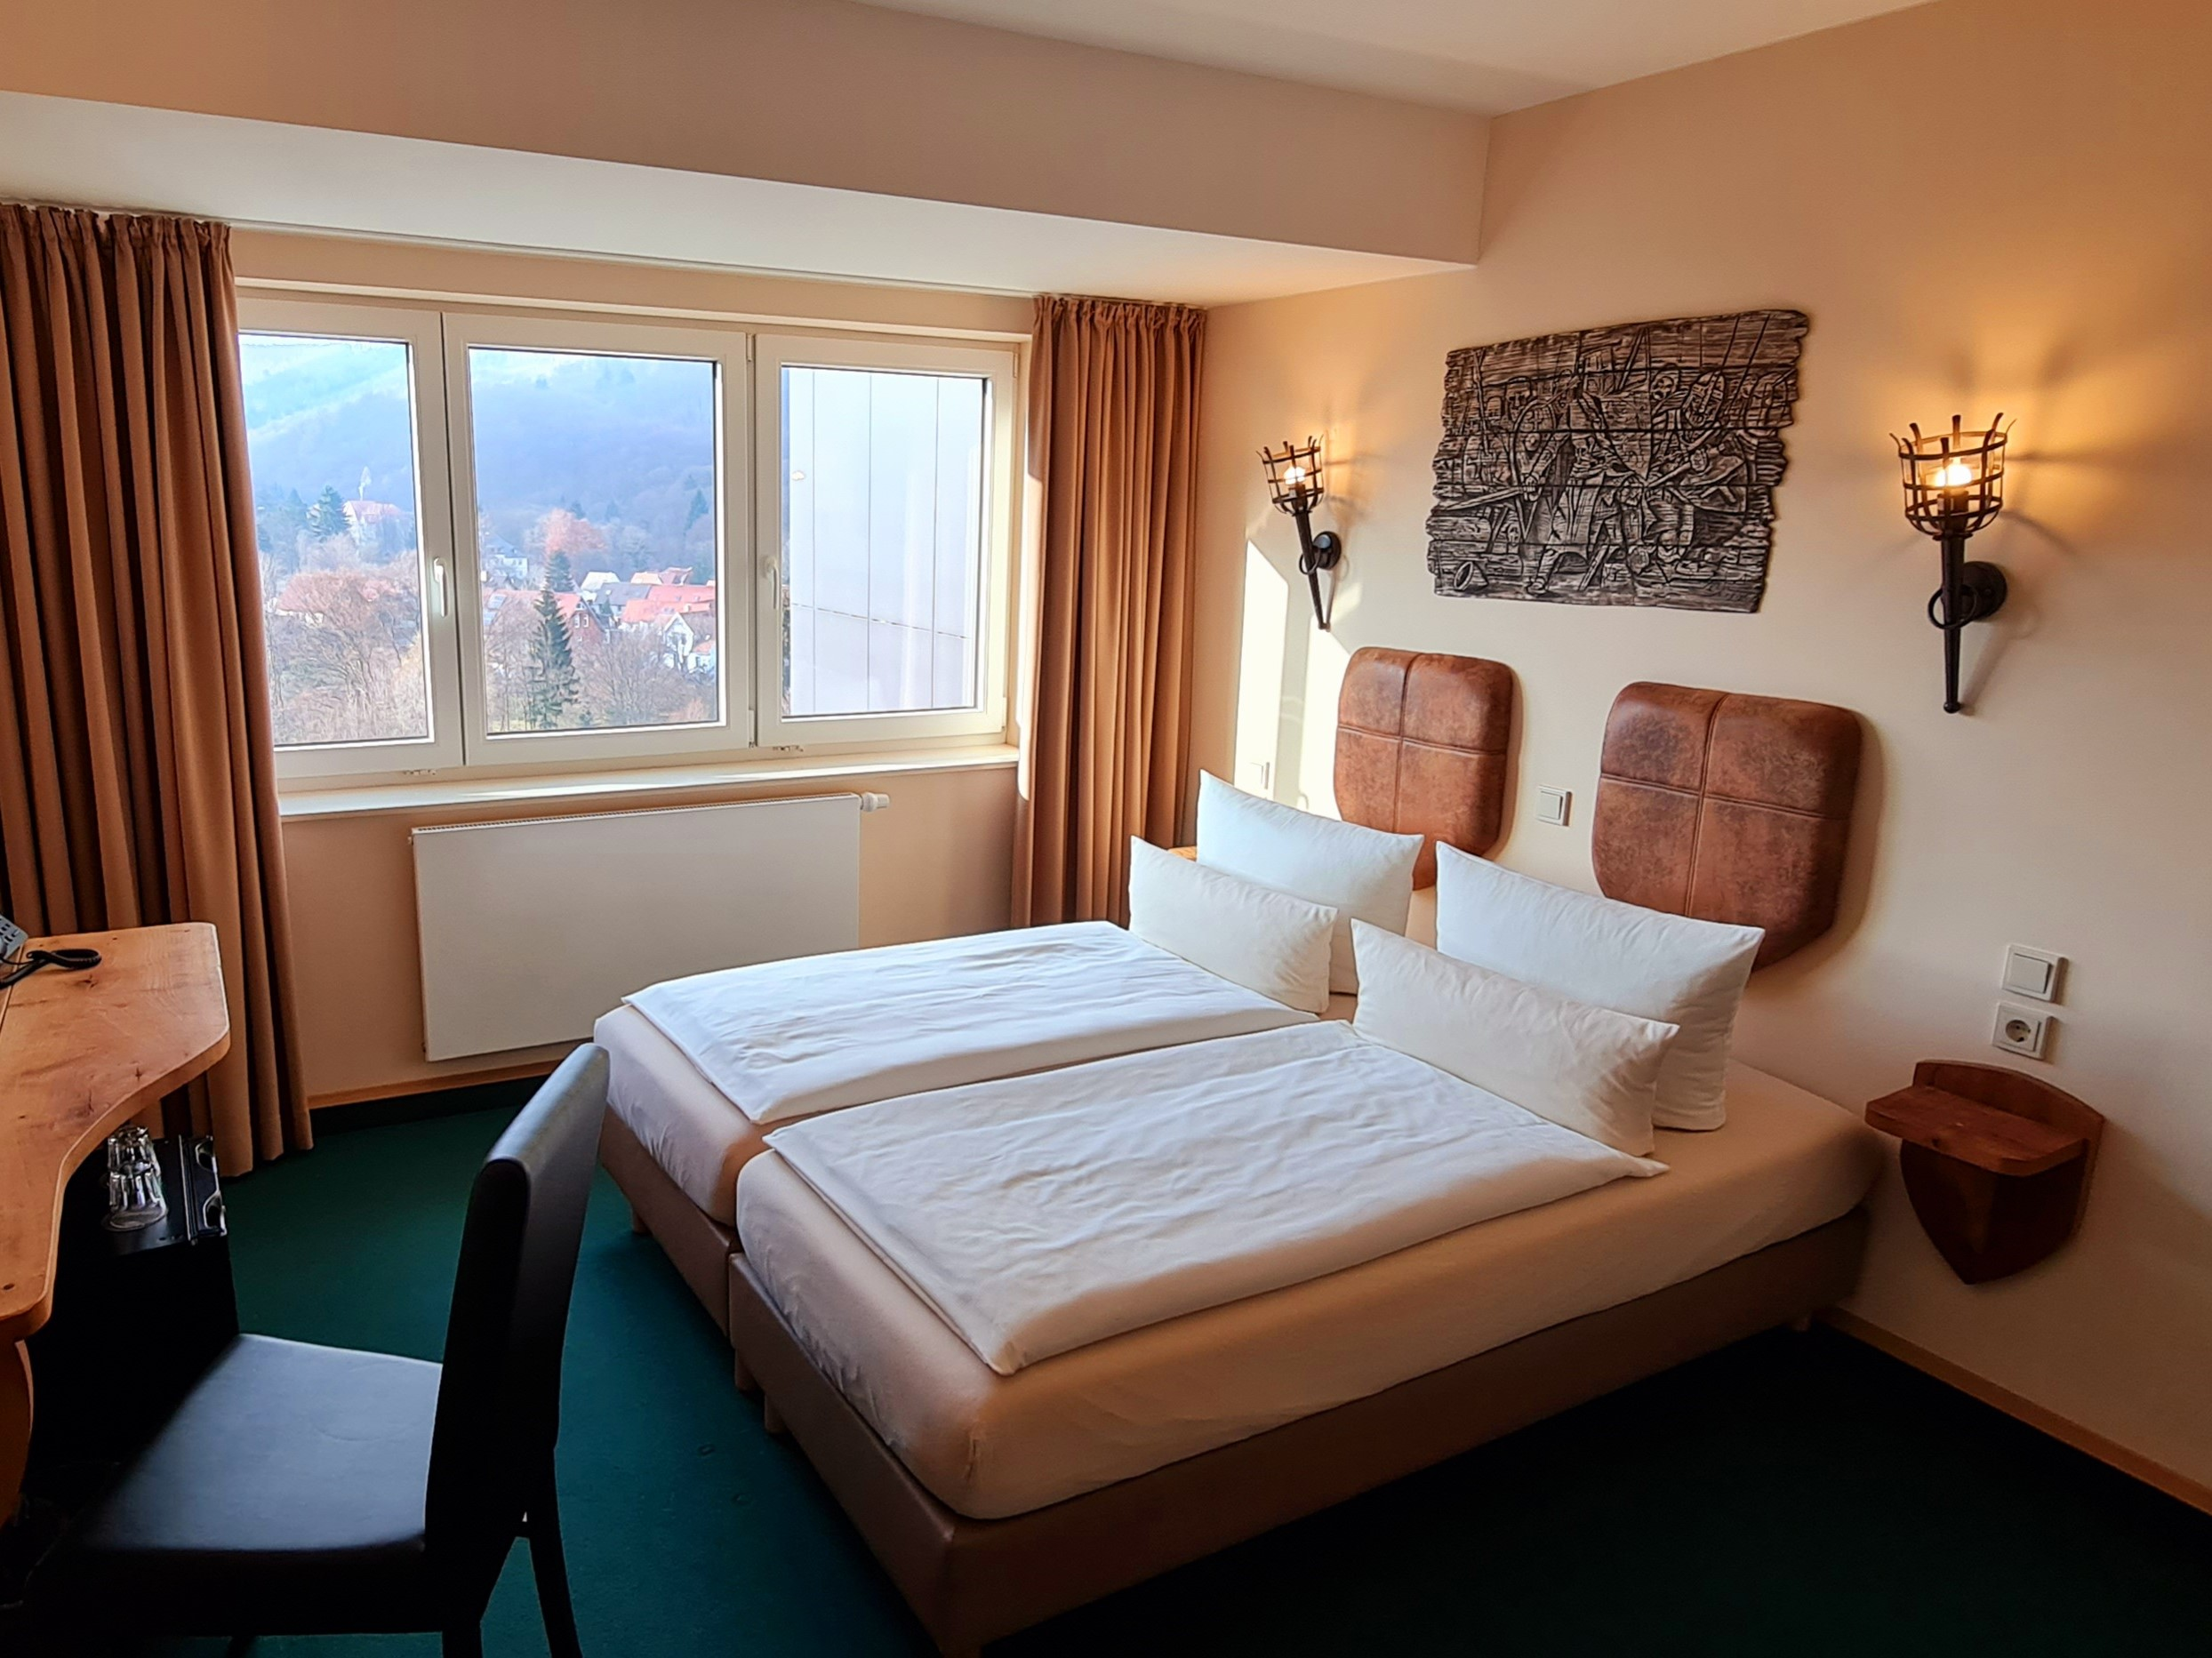 Doppelzimmer - Hasseröder Burghotel Wernigerode